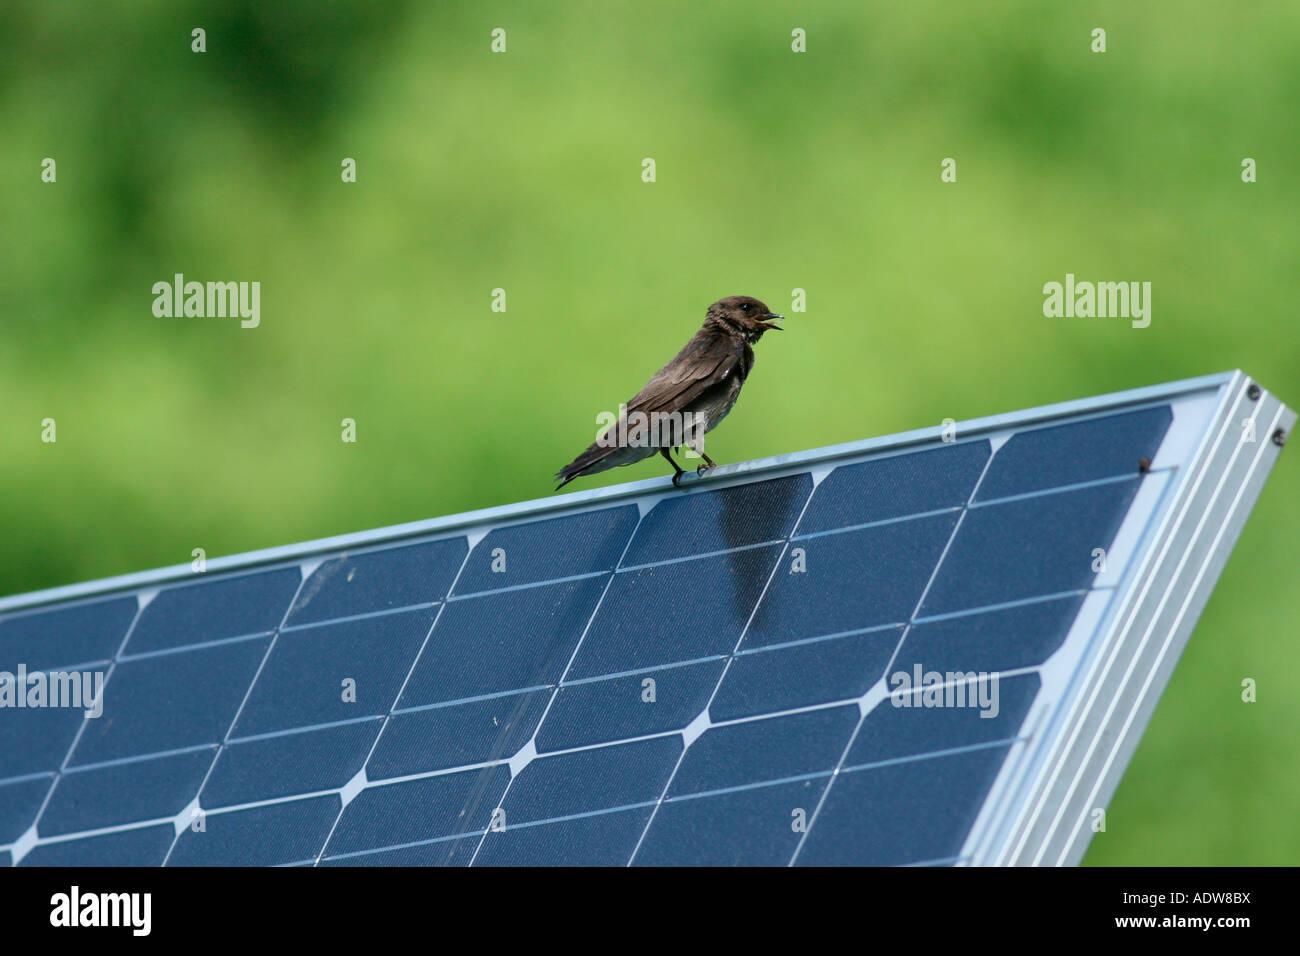 Banca swallow in appoggio sul pannello solare becco aperto Immagini Stock